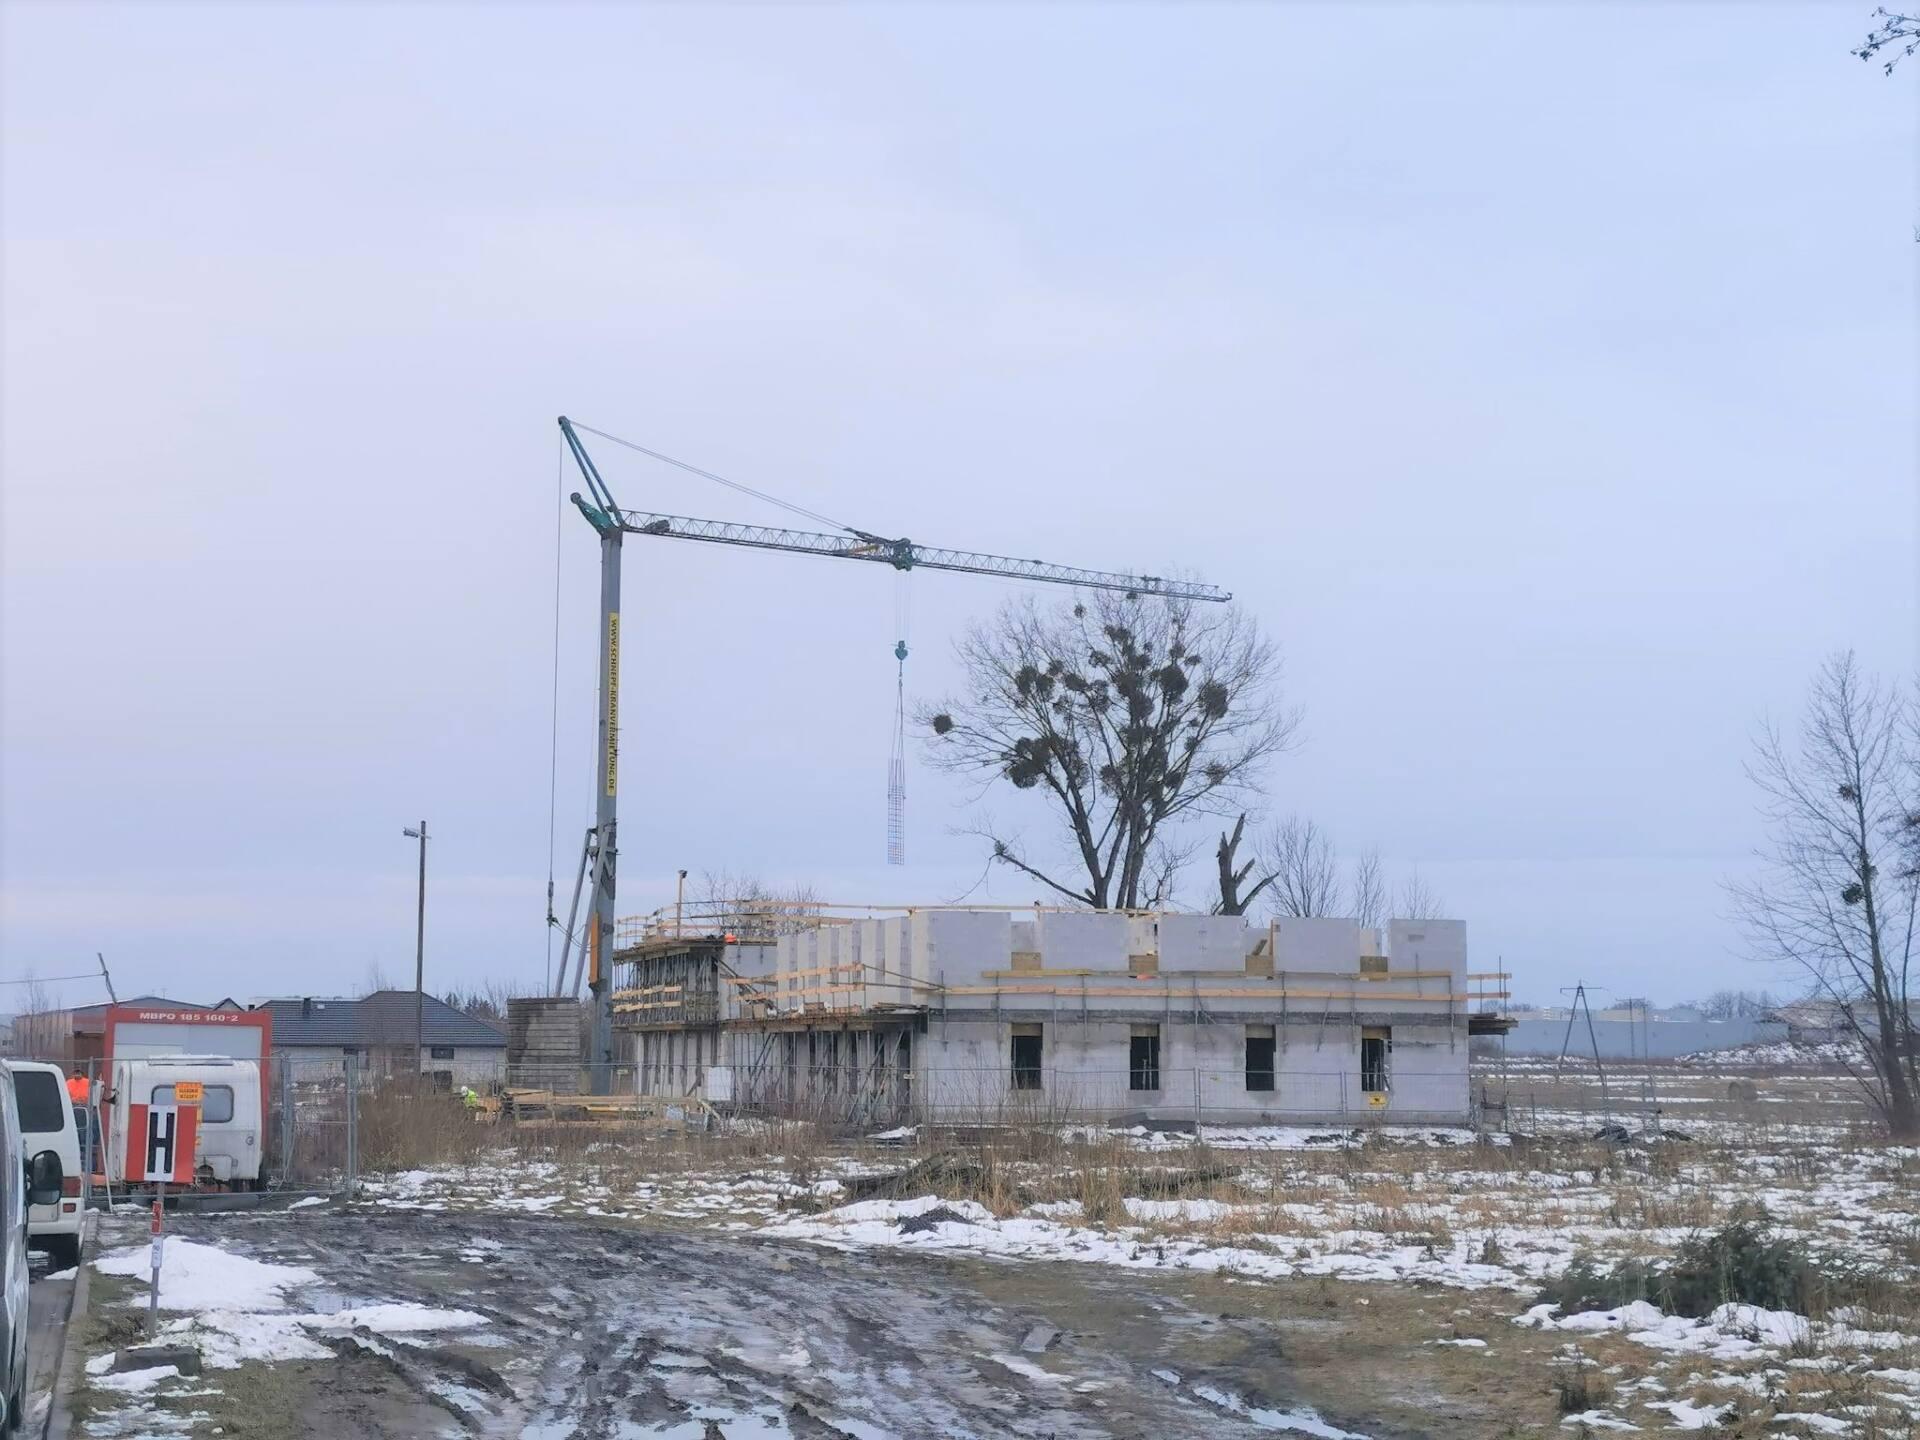 145768291 250061823367169 8924636982243441386 o ZAMOŚĆ: Będą nowe mieszkania. Budowa postępuje [ZDJĘCIA, PLANY MIESZKAŃ]